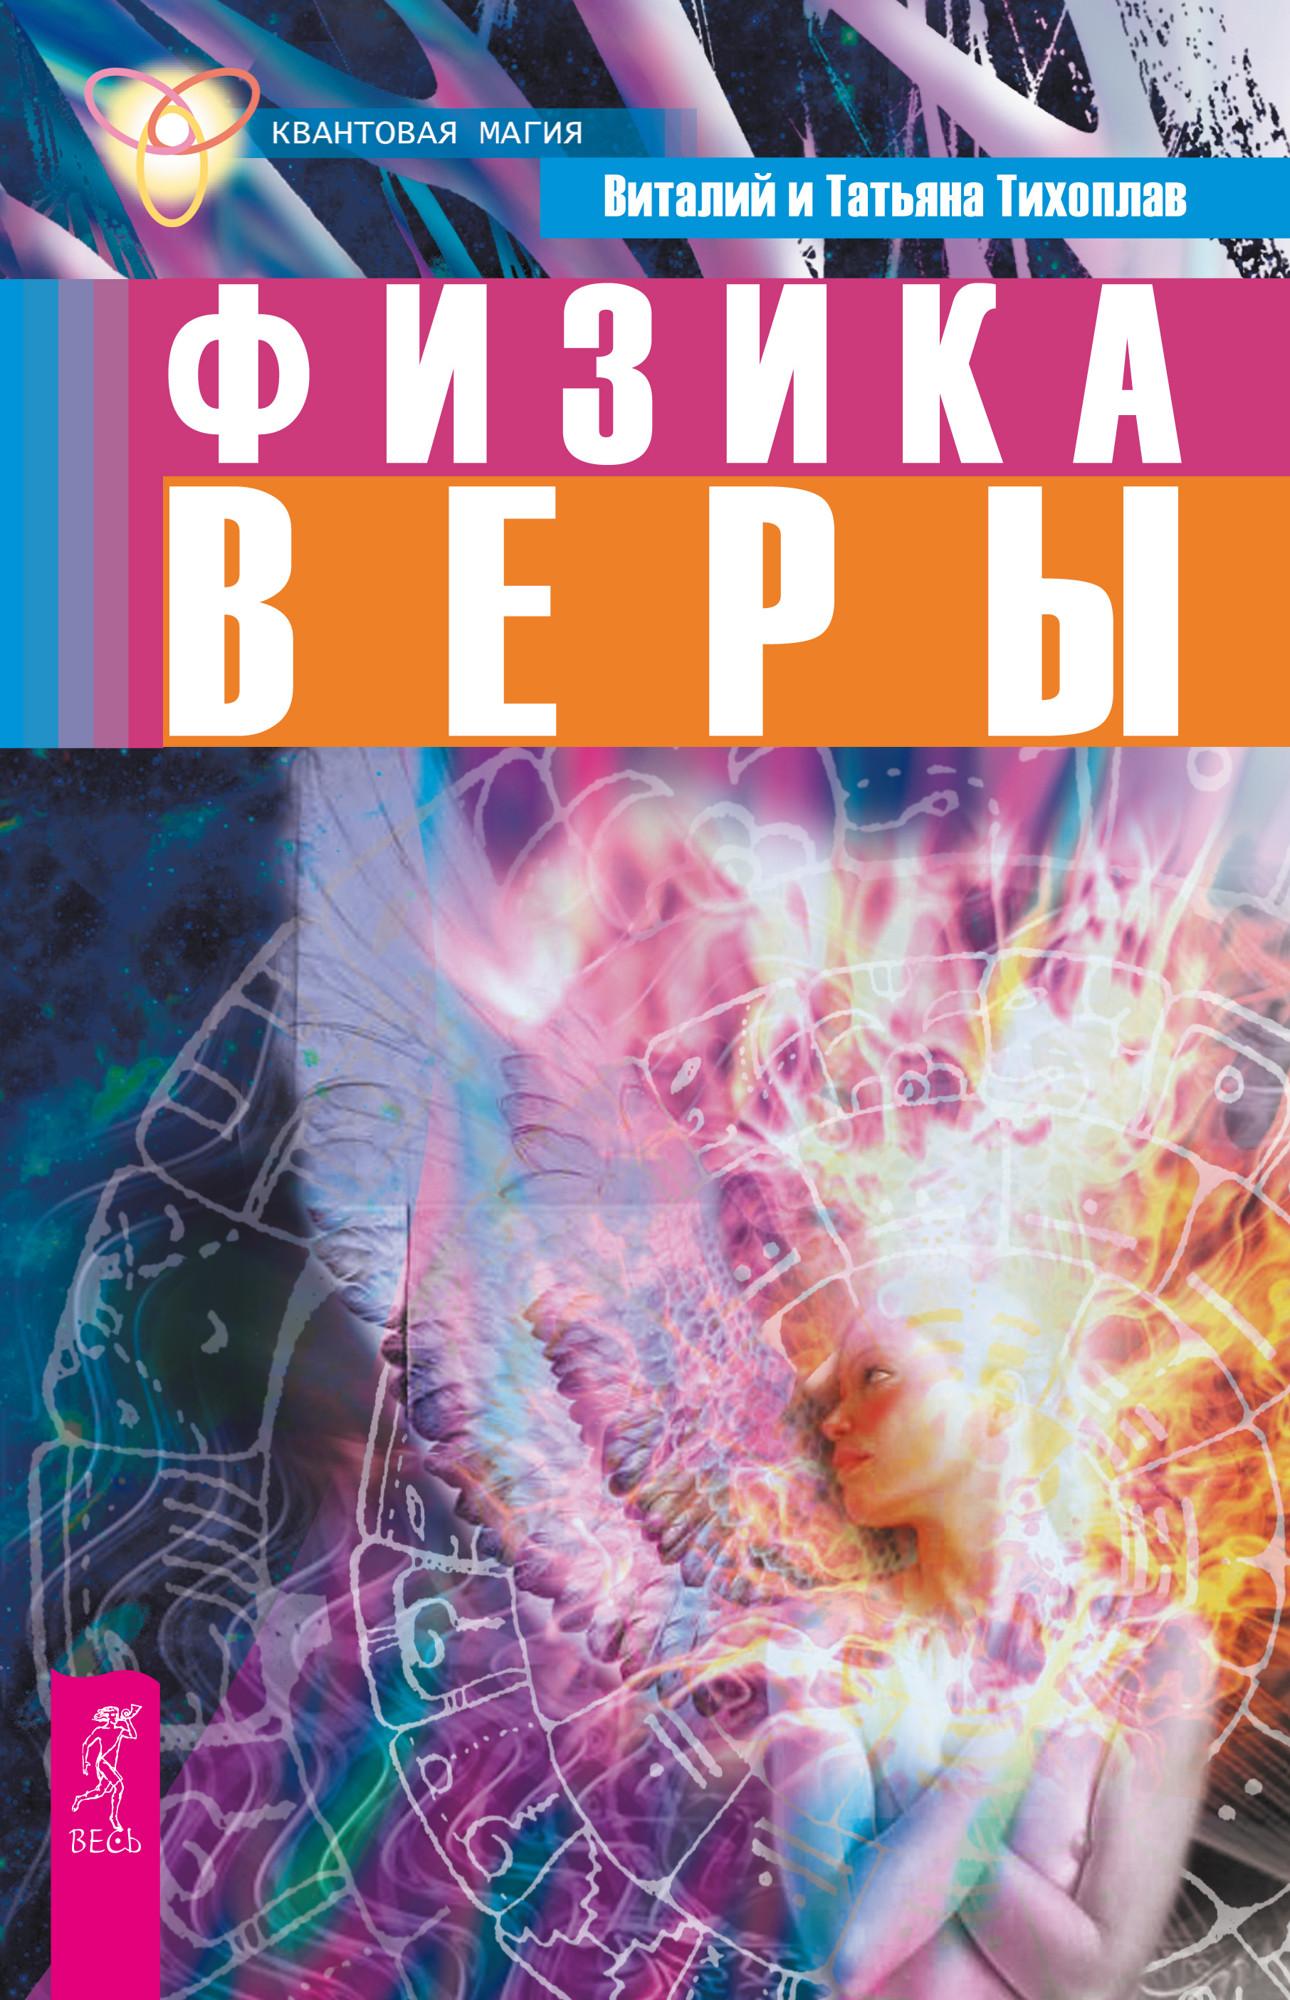 Виталий Тихоплав, Татьяна Тихоплав «Физика веры»